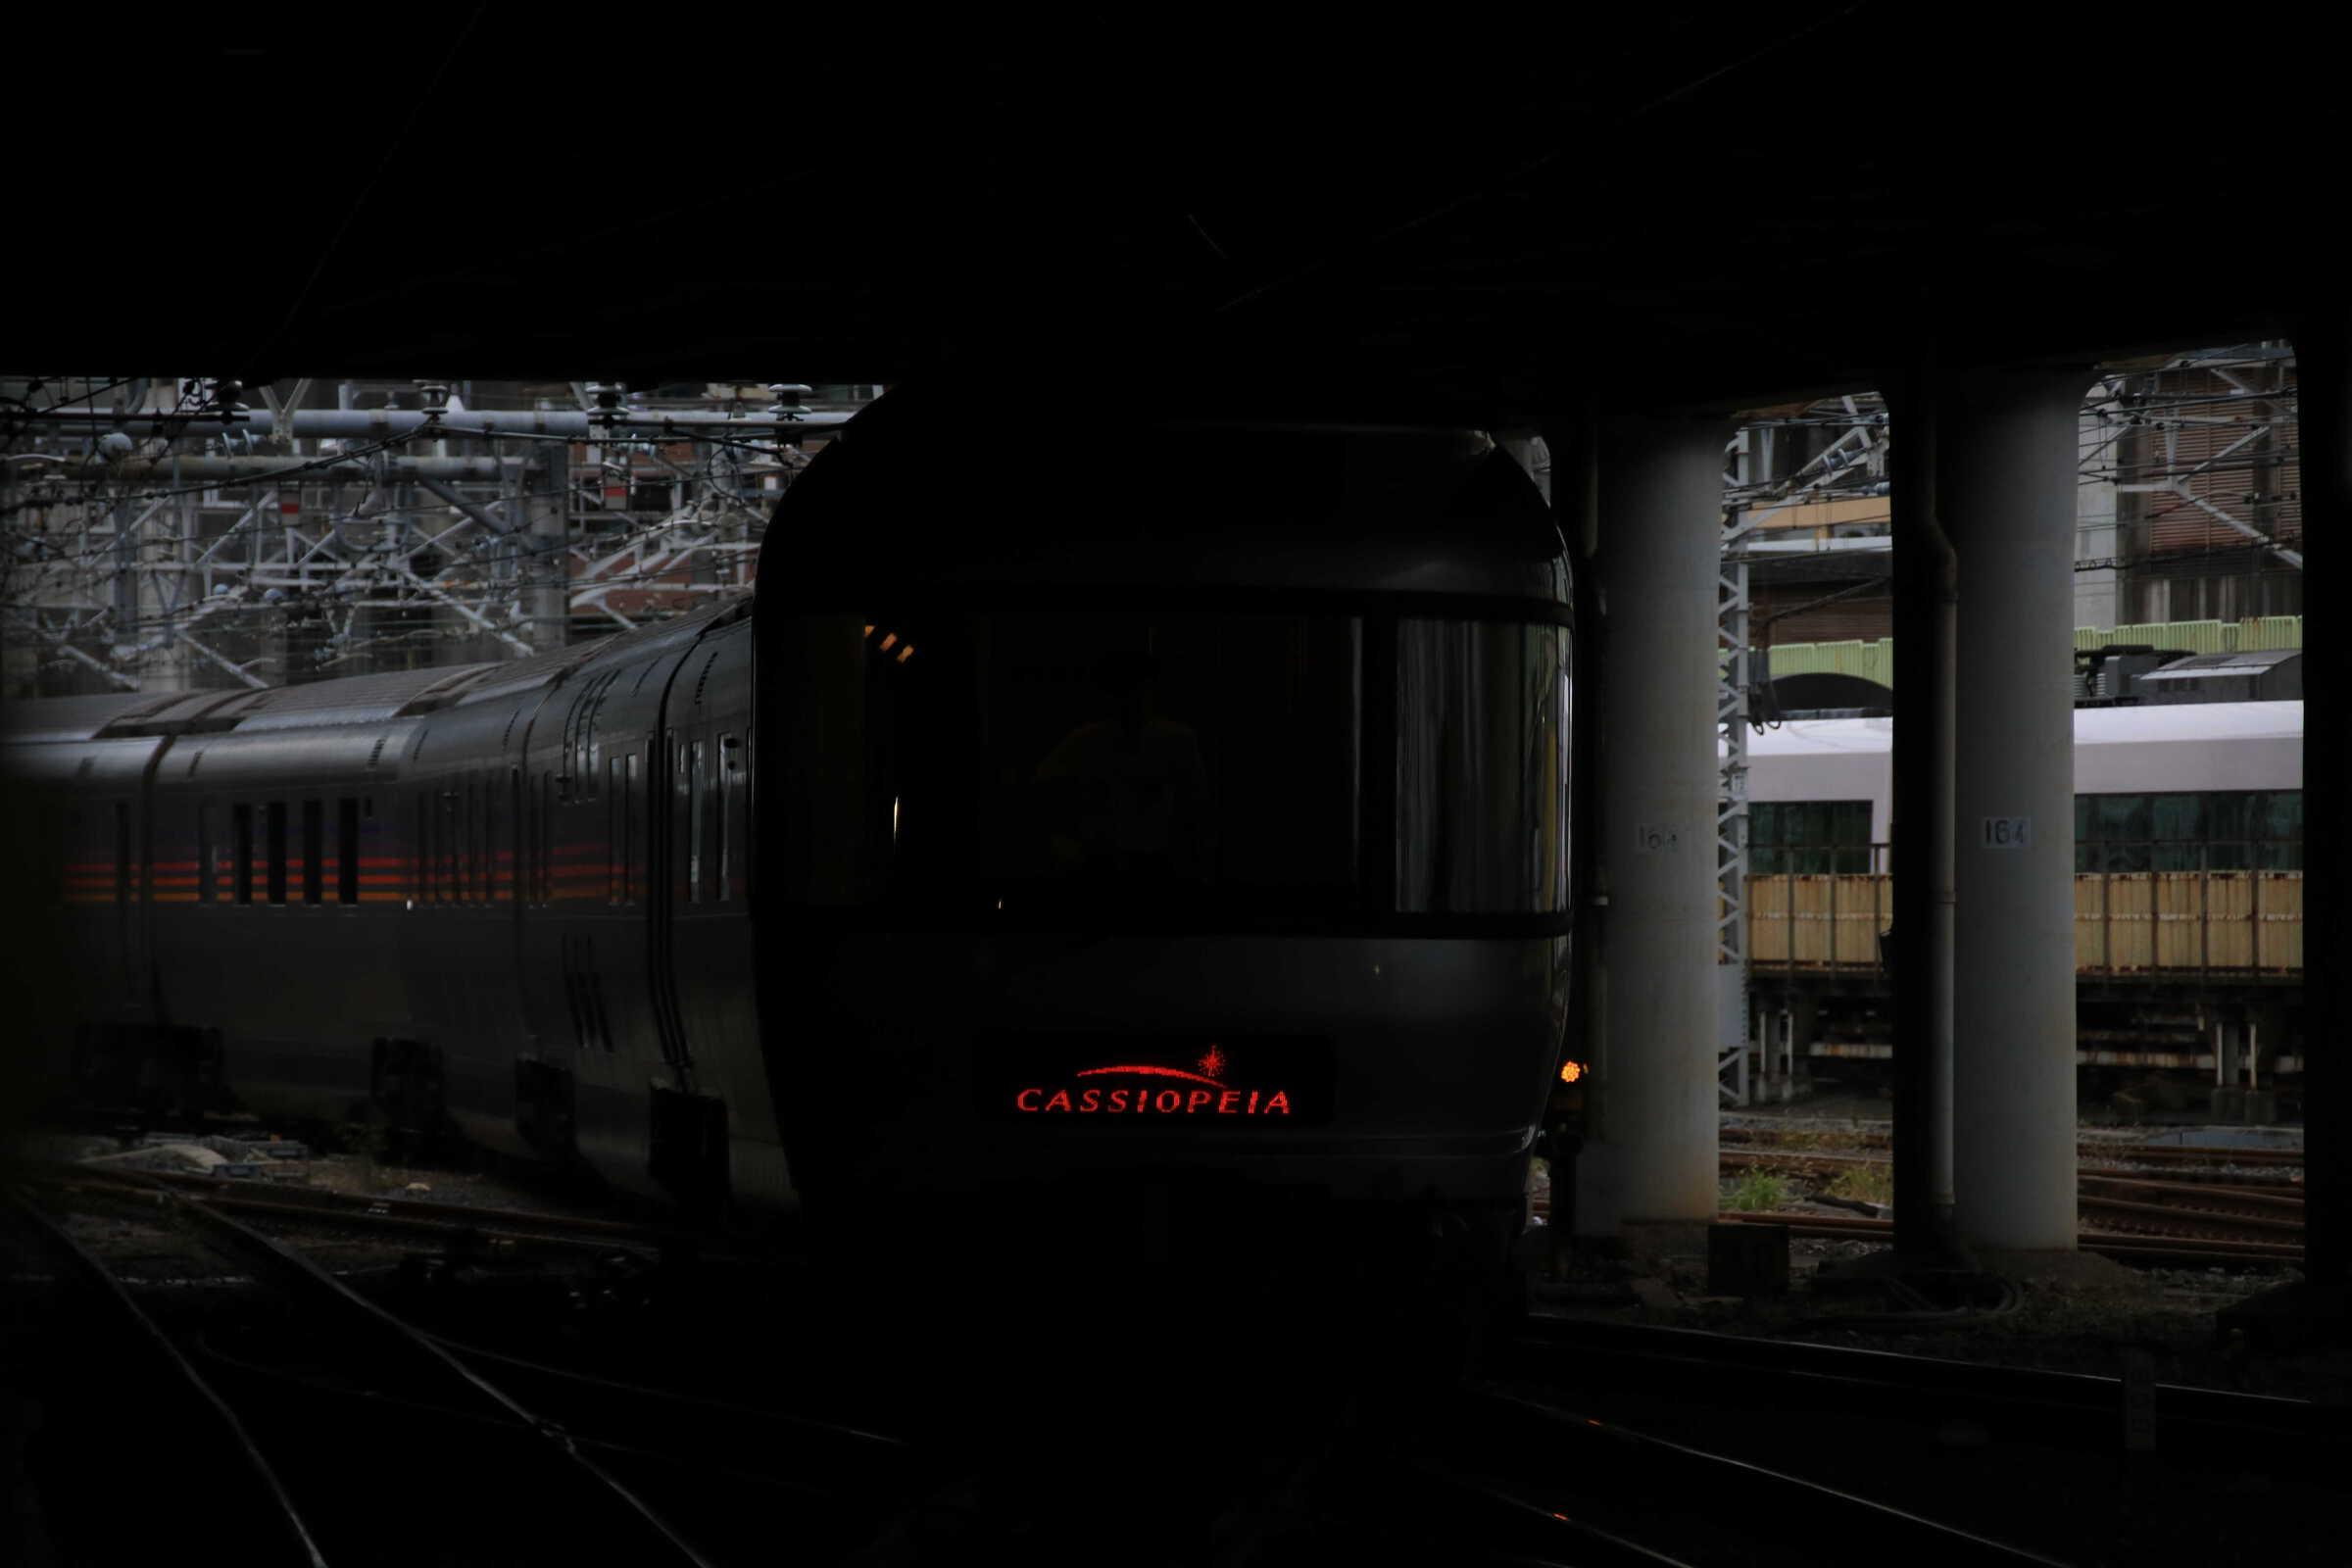 回9052列車 団臨 カシオペア紀行送り込み E26系 東オク車12両+EF81-95①[田]